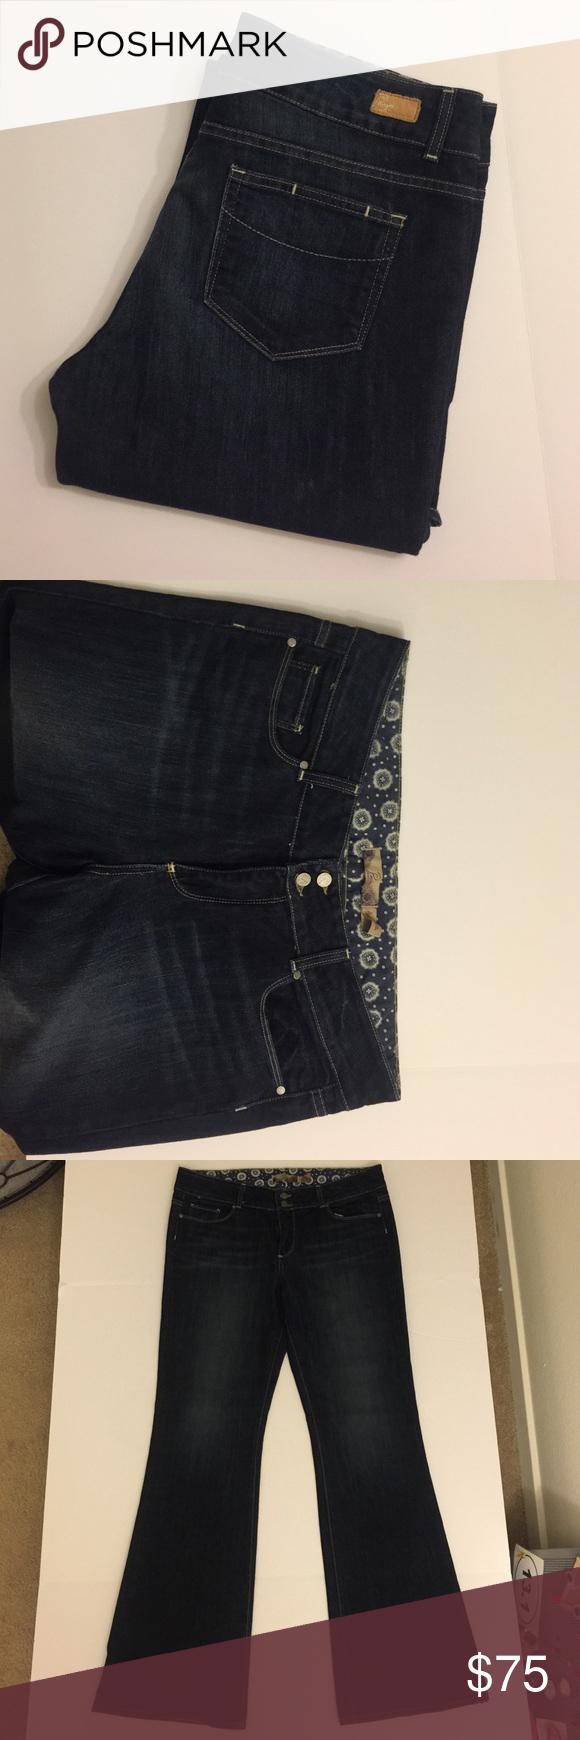 Paige Jeans - Size 33 Paige Hidden Hills Boot cut Jeans - Size 33 (inseam 33) Paige Jeans Jeans Boot Cut